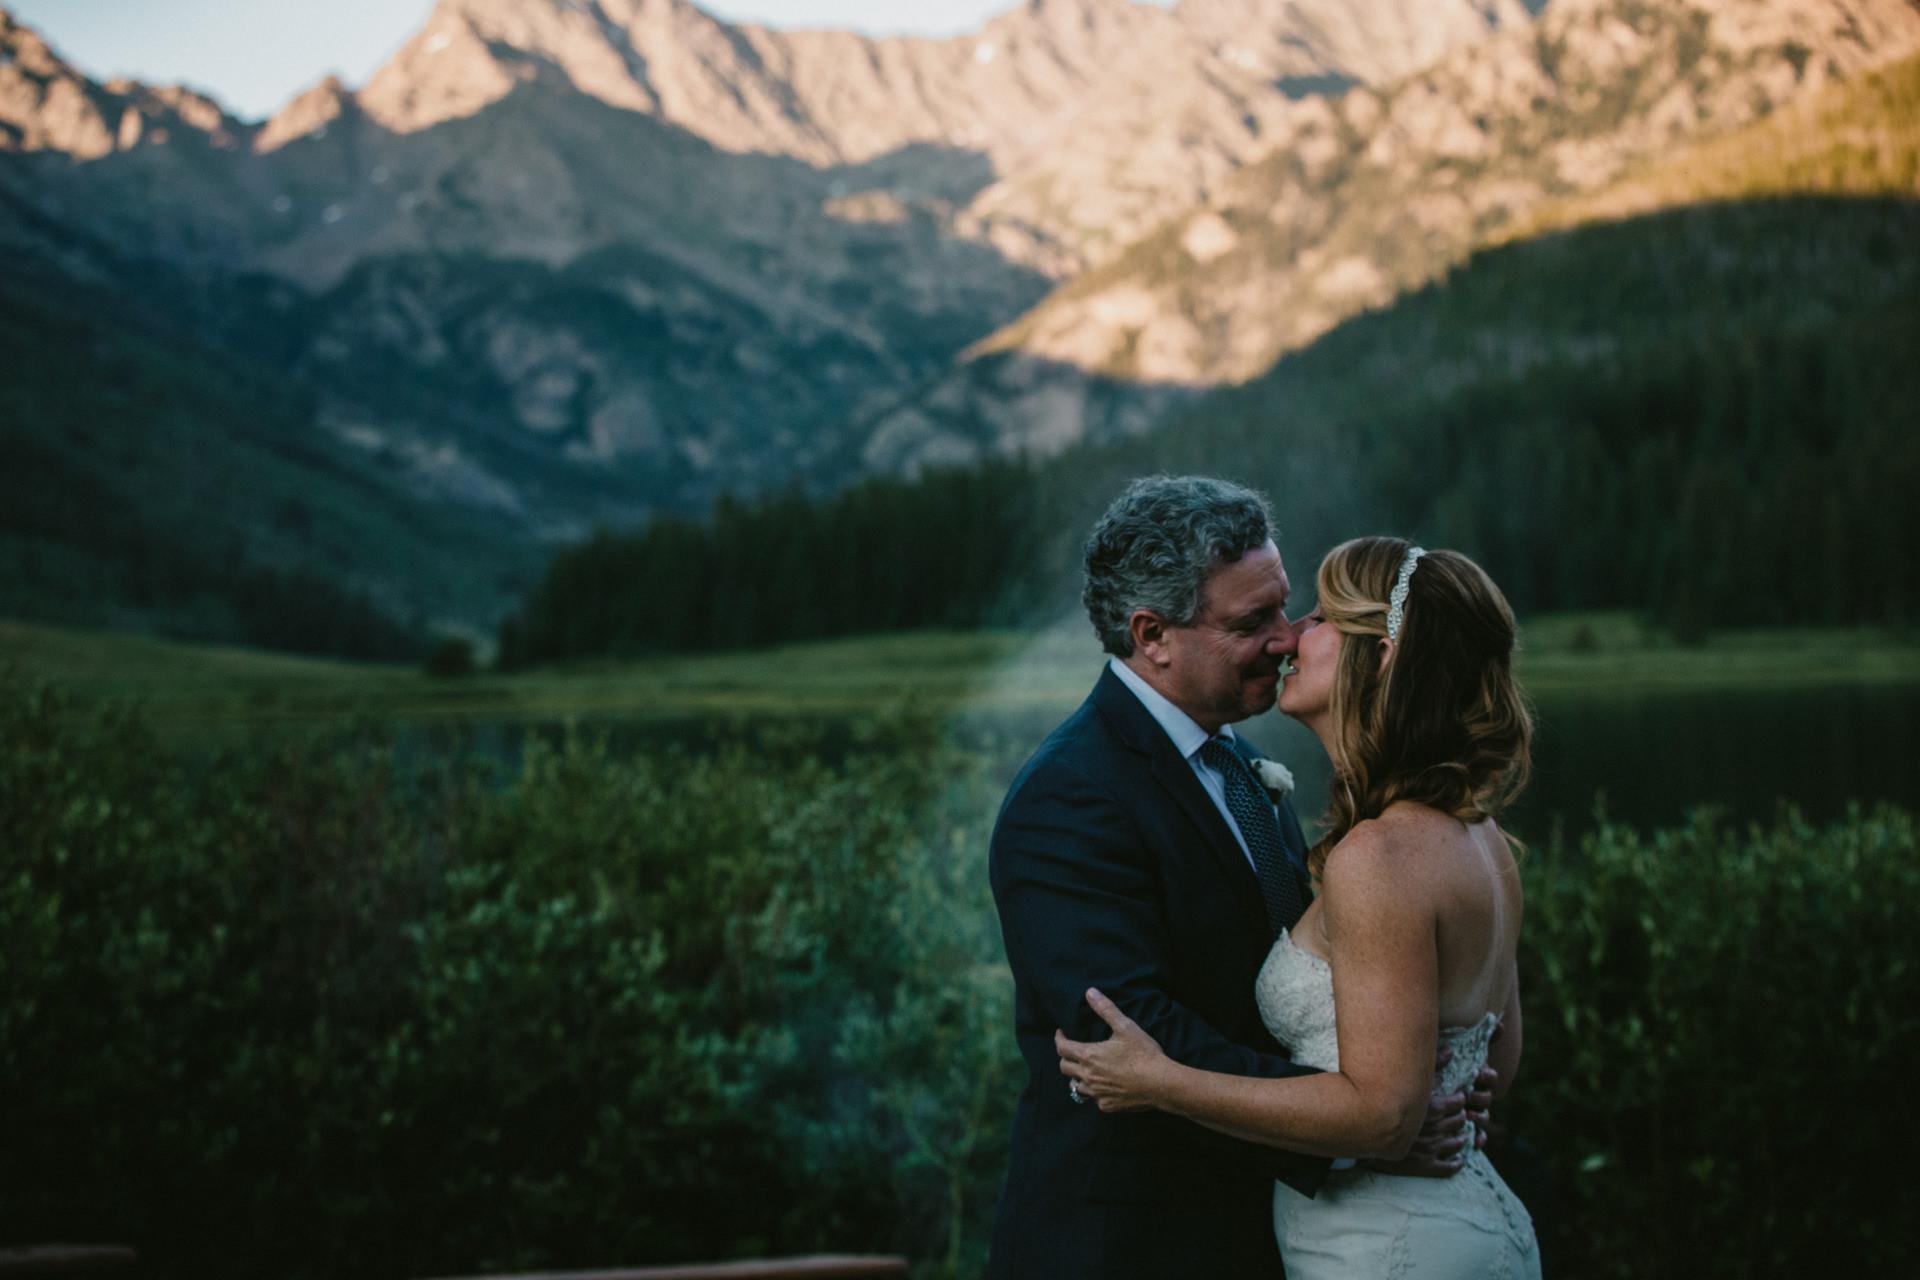 乡村韦尔婚礼照片-科罗拉多图像| 在刚熄灭的篝火前